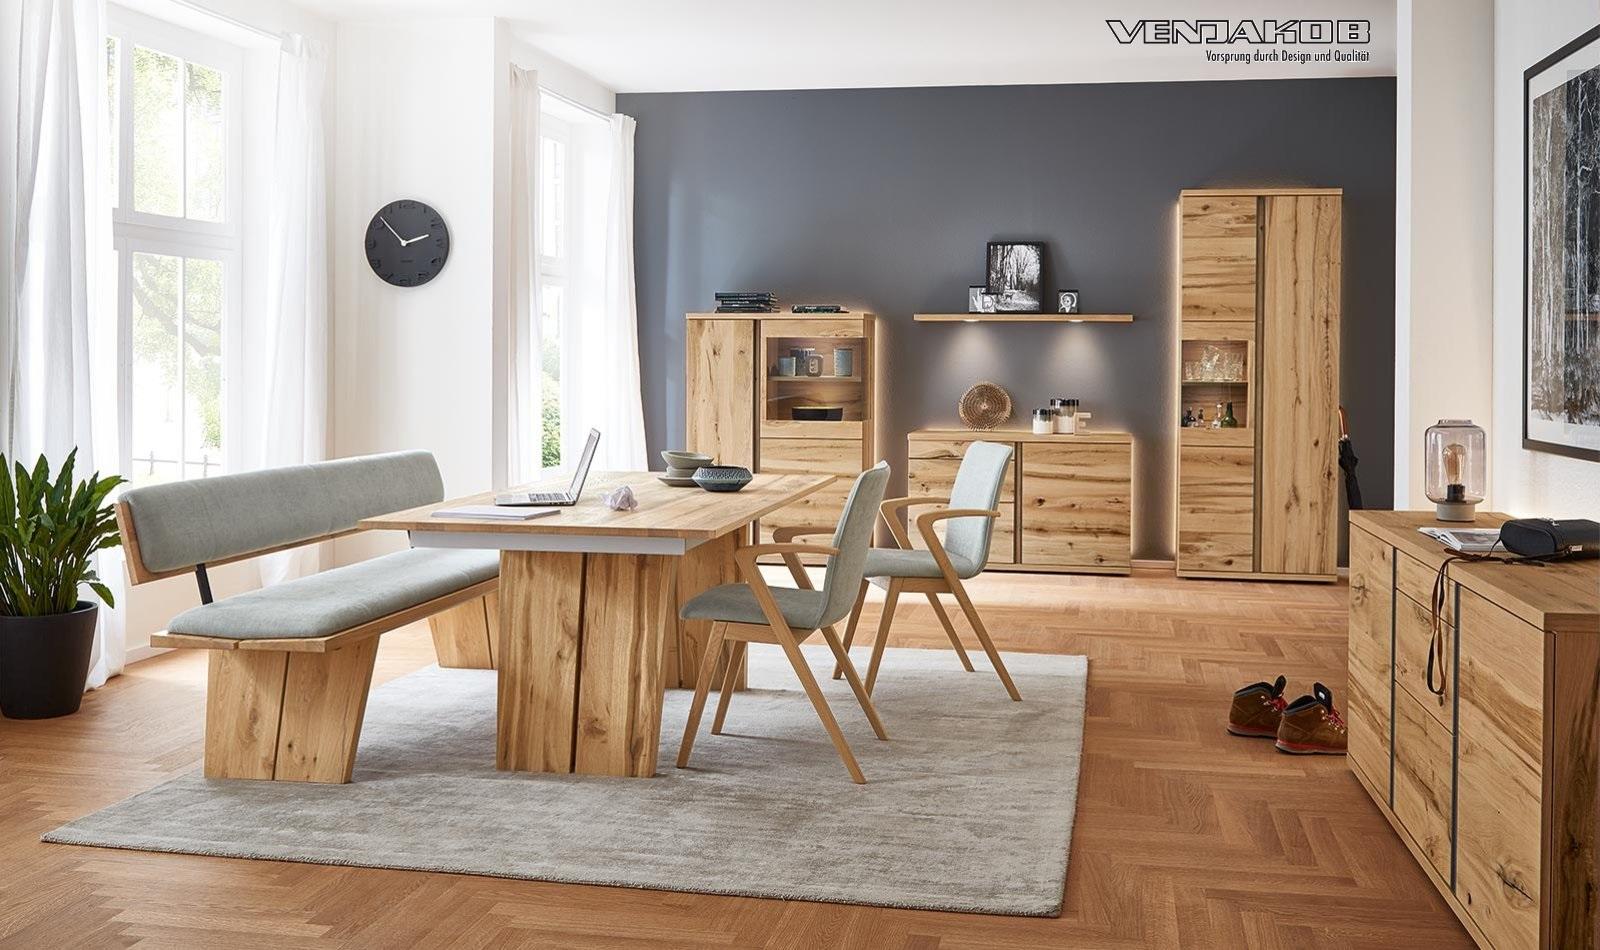 Esszimmer Von Venjakob U2013 Qualität Und Meisterhafte Handwerkskunst Seit  Mehreren Generationen